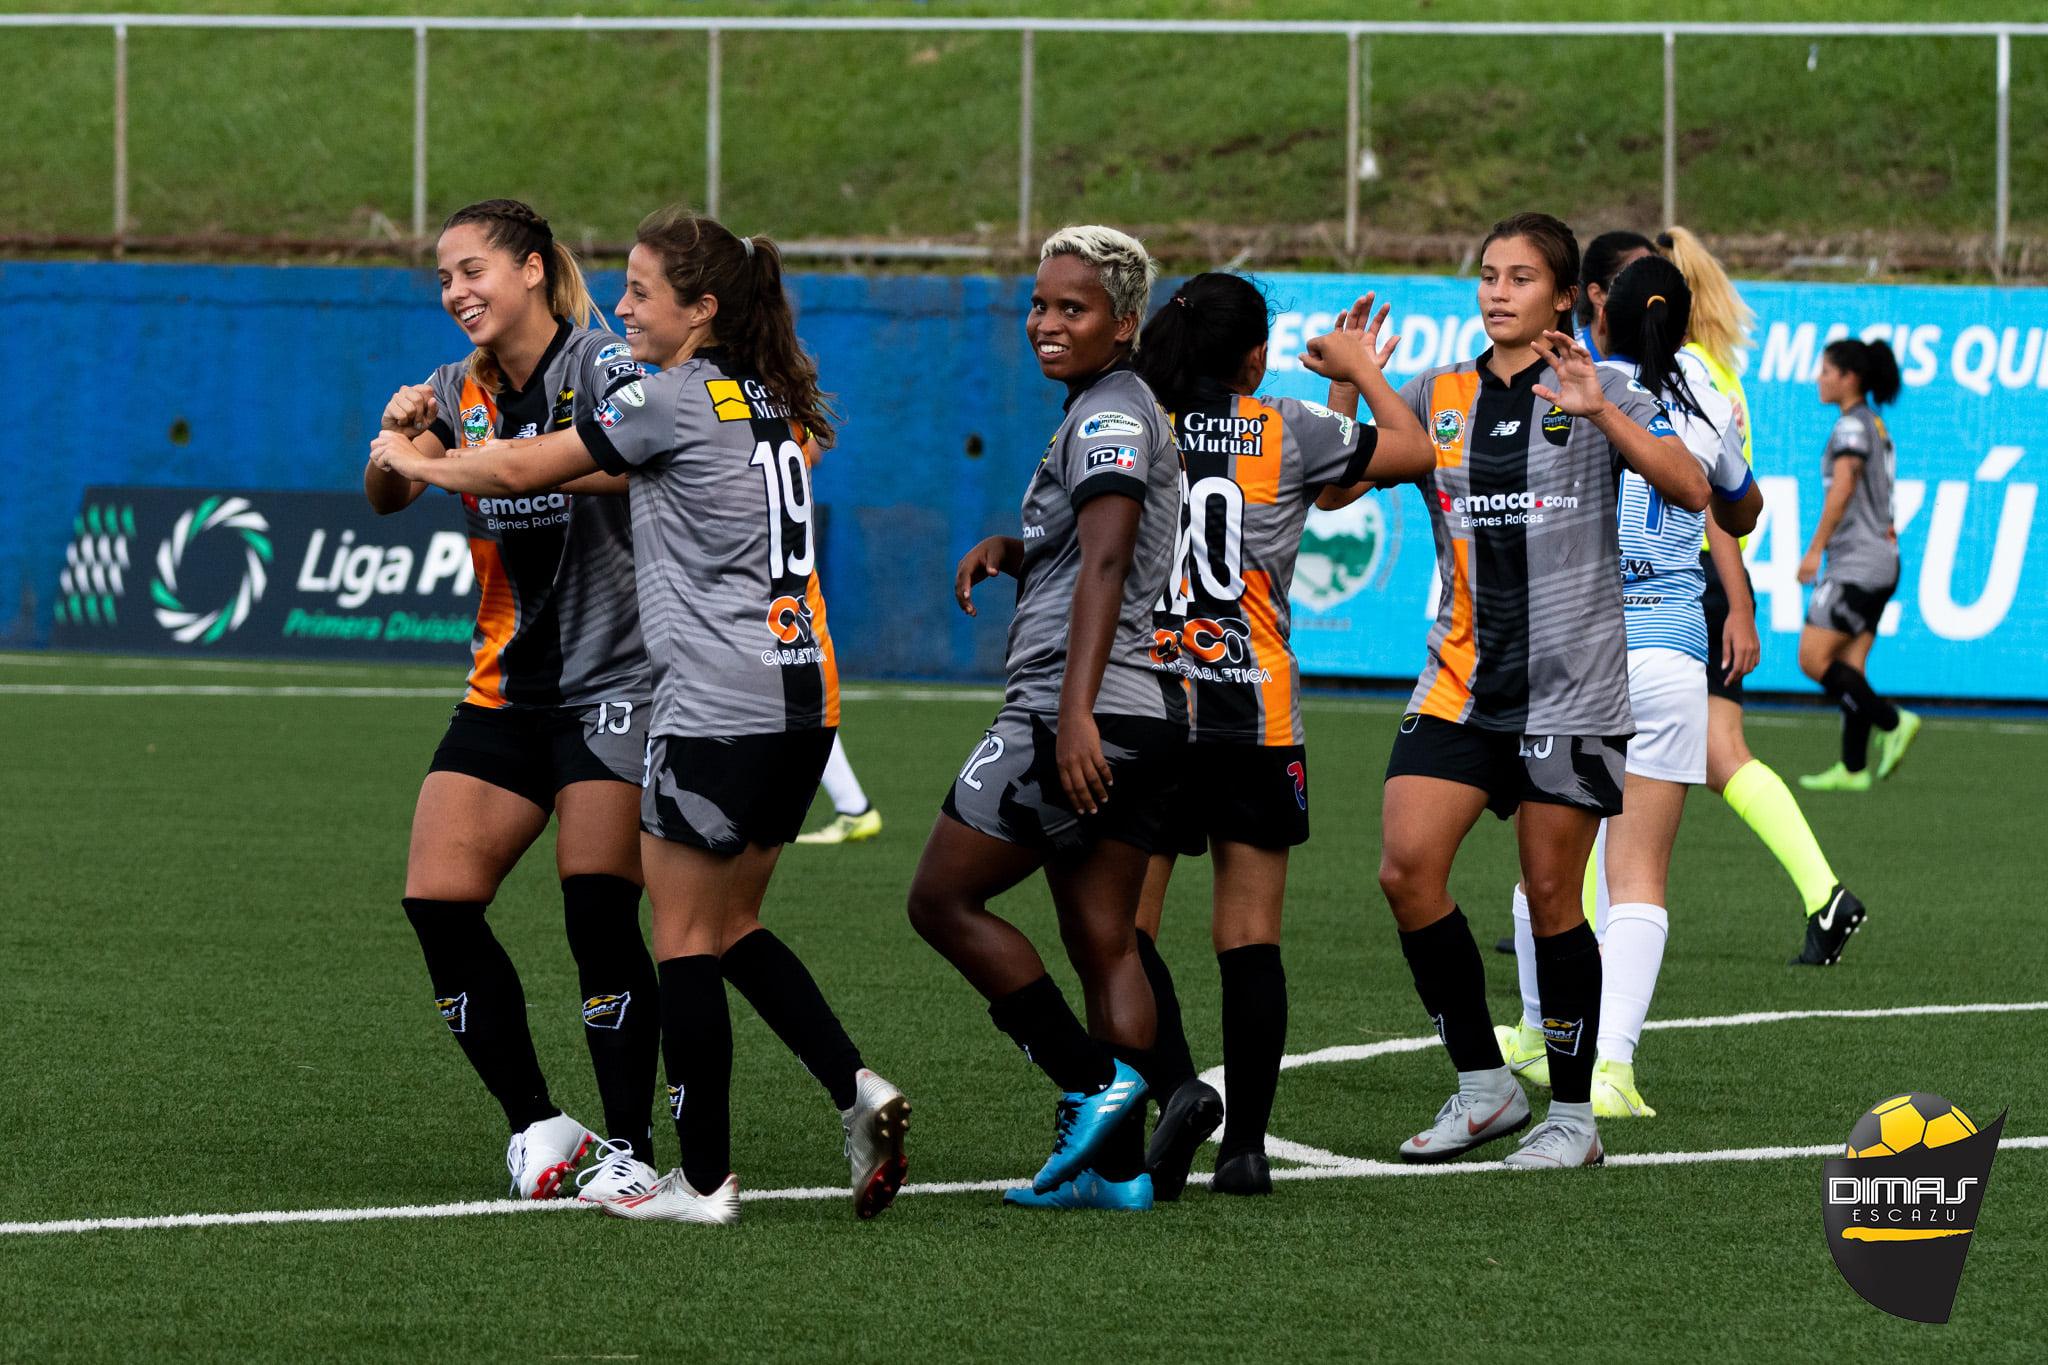 Entre jueves y domingo se jugará la jornada 6 de la Liga Femenina.